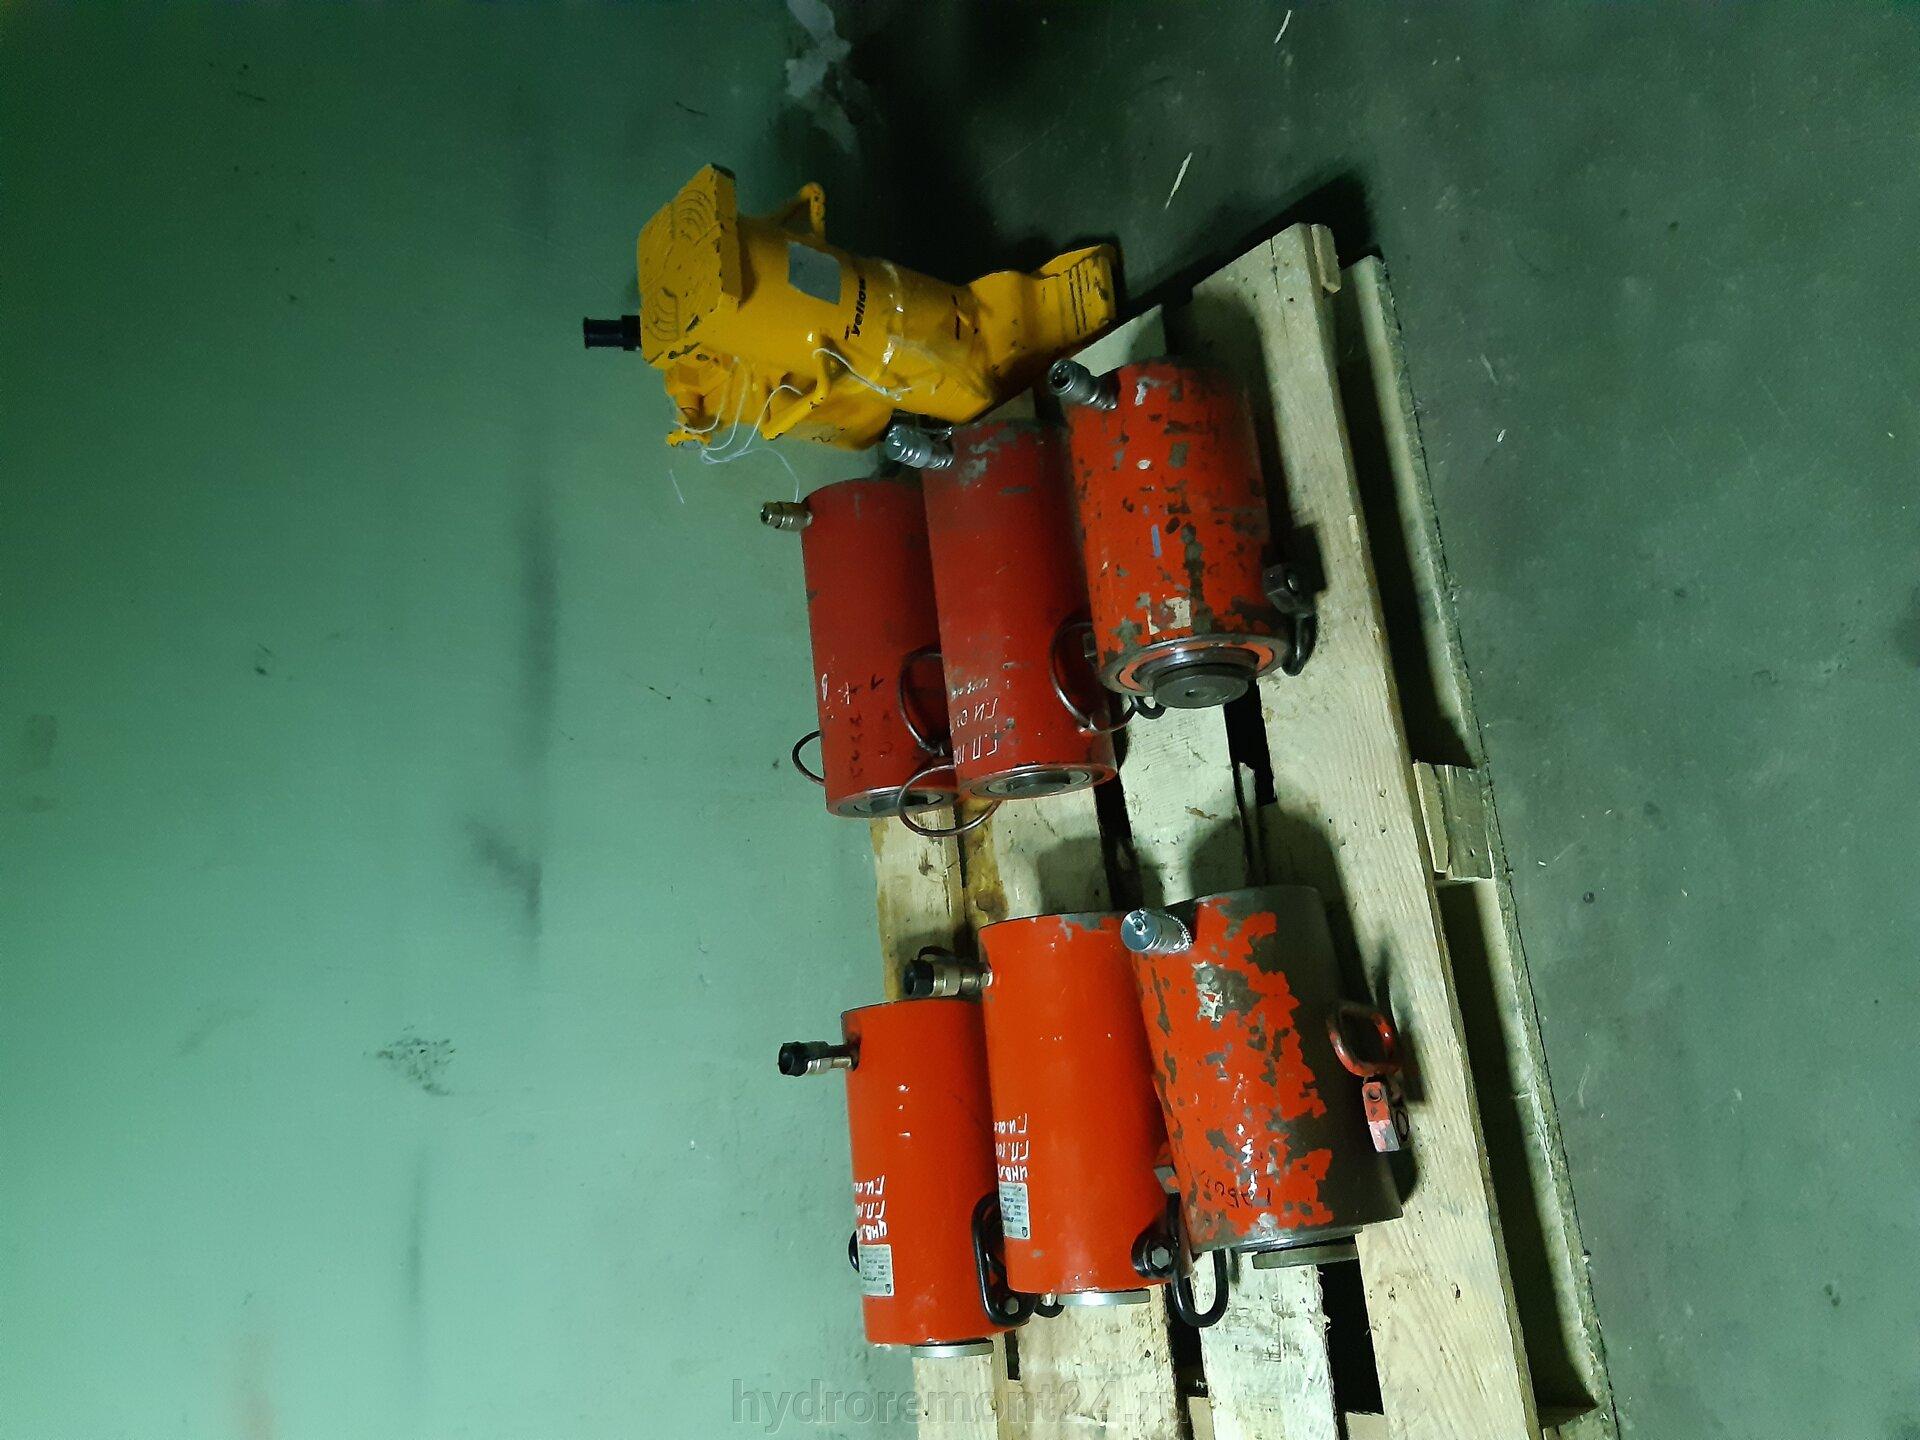 Гидравлические домкраты в аренду до 400 тонн - фото pic_7f51a897a497f5481eadbe86a2b098ef_1920x9000_1.jpg